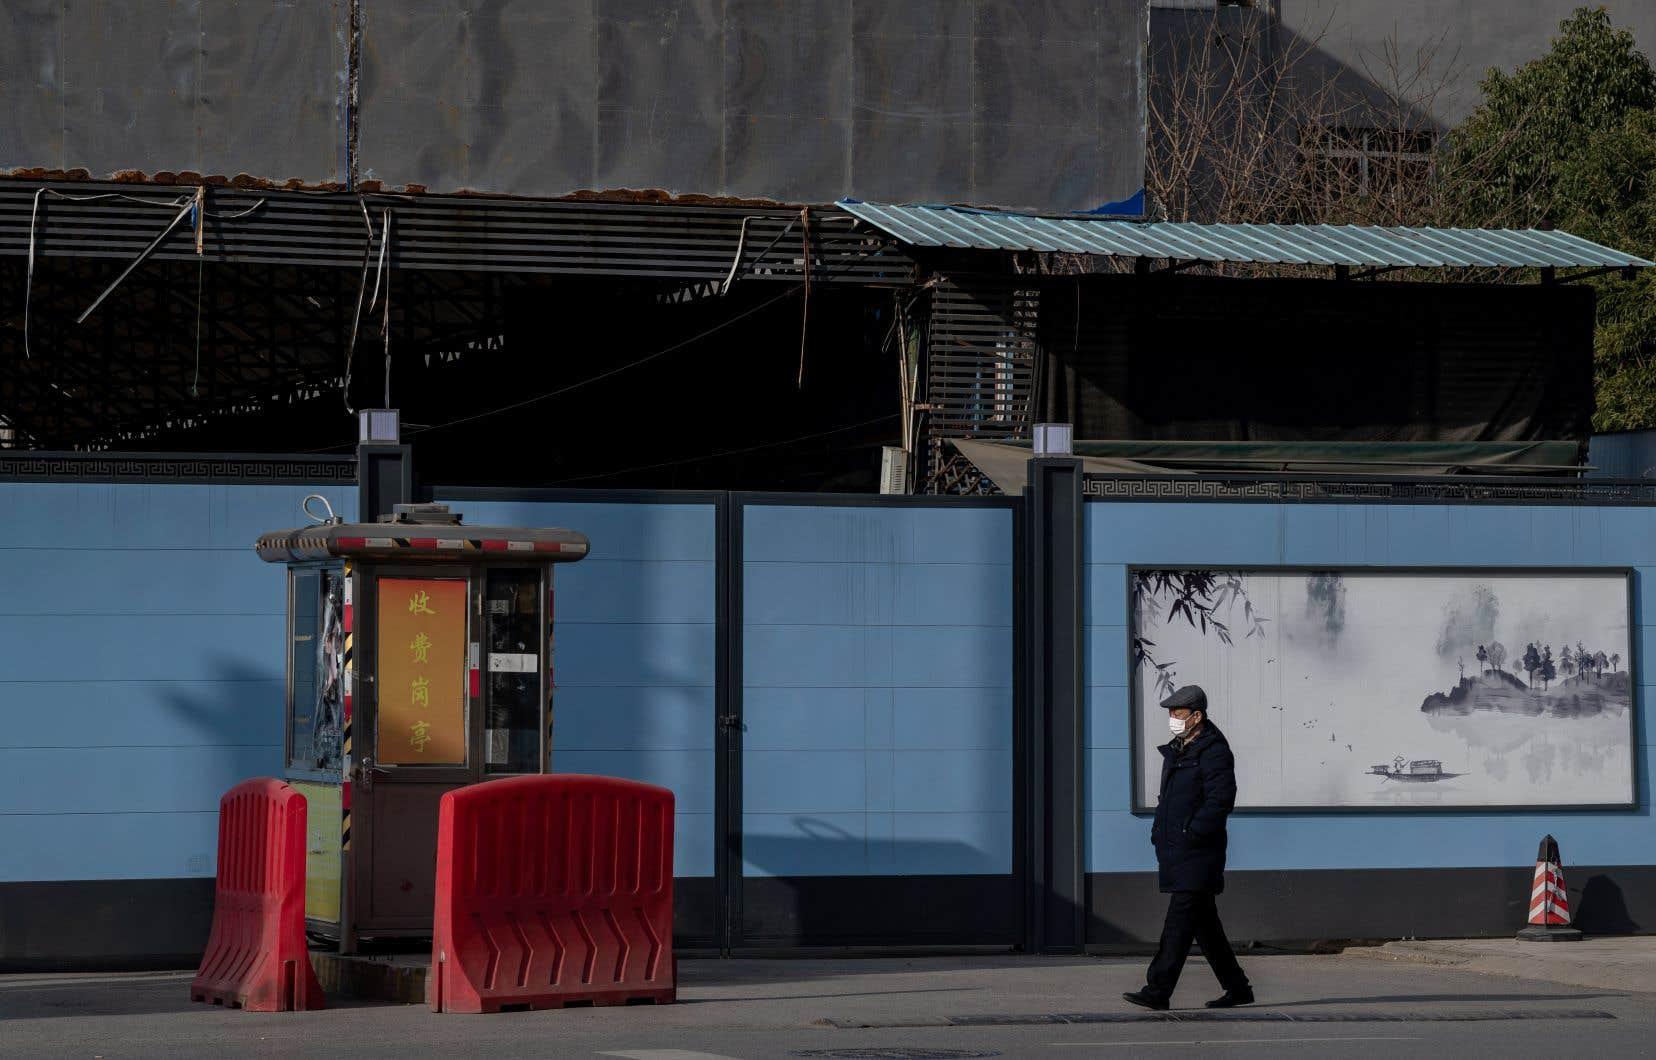 Le marché Huanan, à Wuhan, considéré comme le premier grand foyer de l'épidémie, a été fermé le 1erjanvier 2020 et l'était toujours lundi. Le gouvernement chinois n'a pas autorisé d'experts indépendants à enquêter sur place.